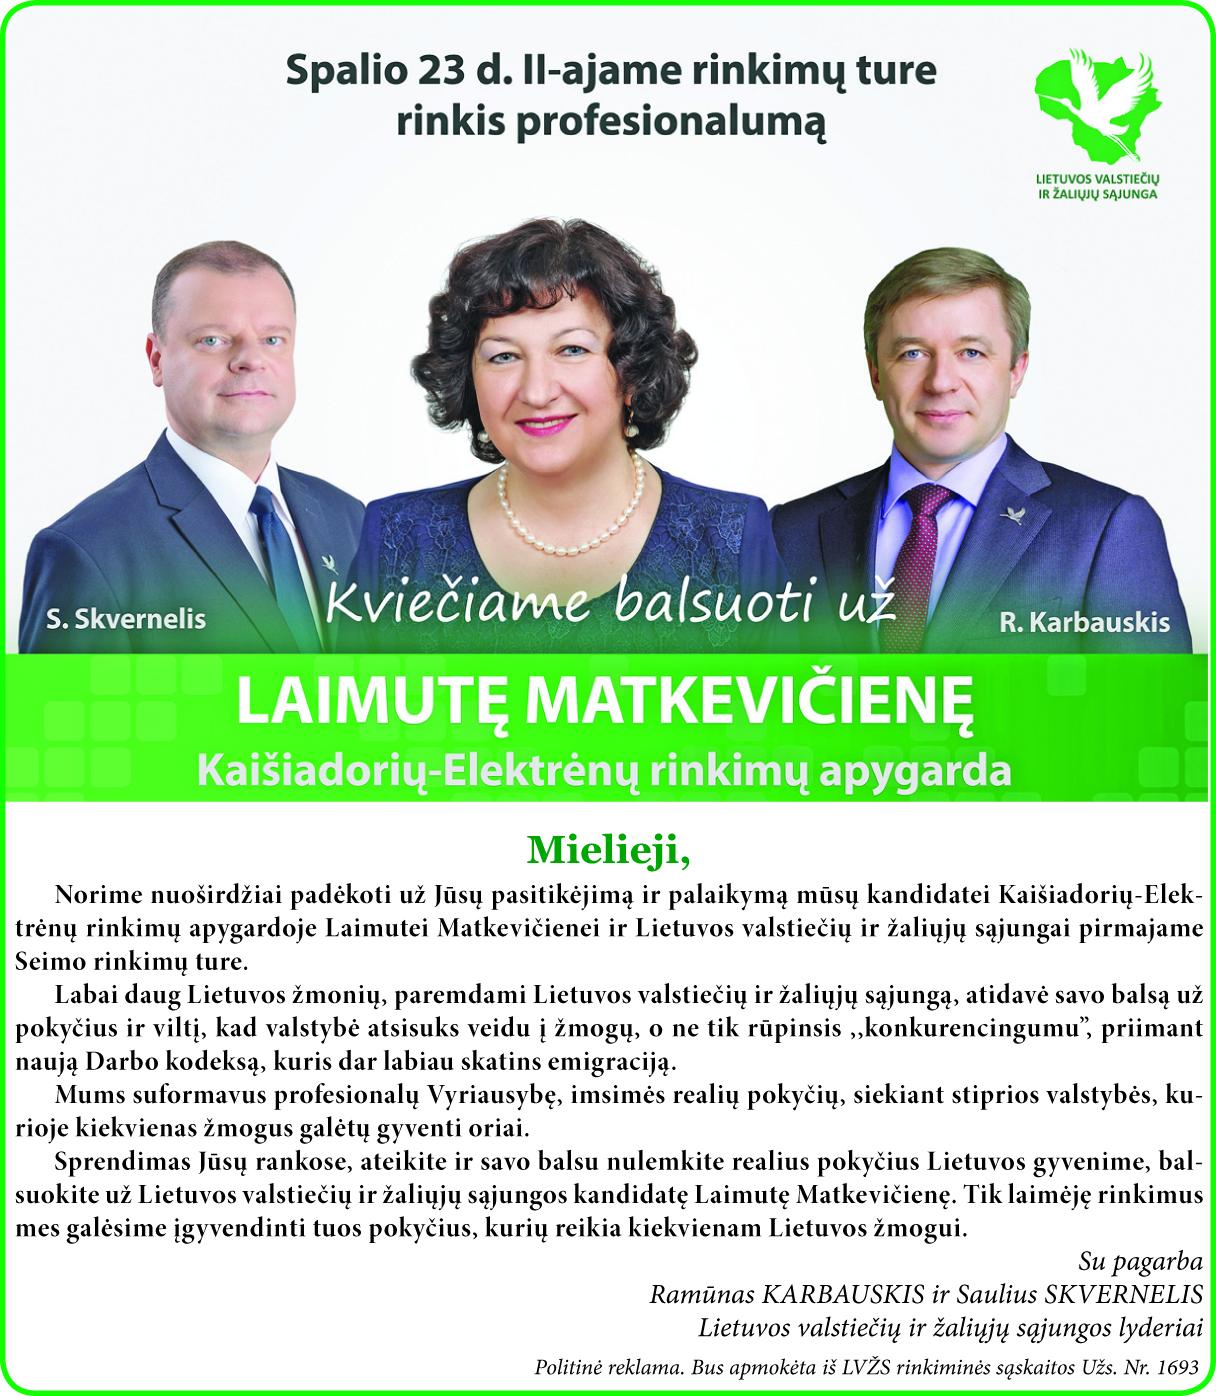 Rinkis profesionalumą